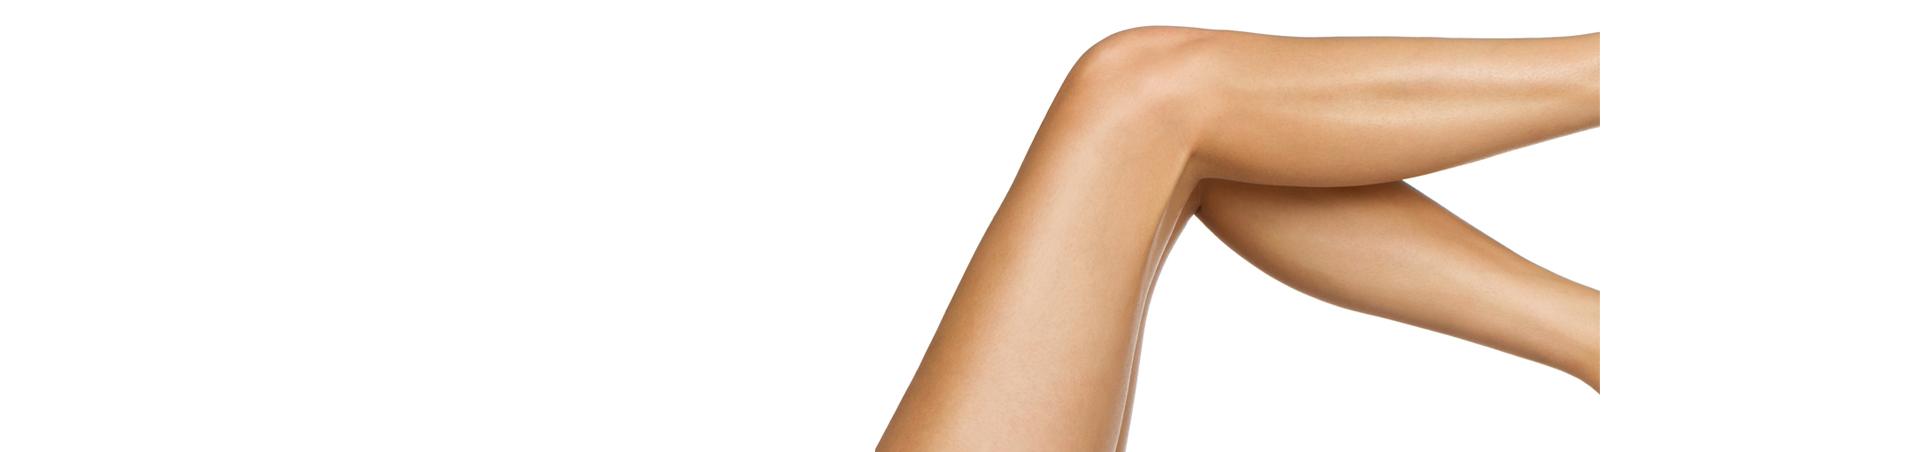 Bacak şekillendirme estetiği (calf implant)